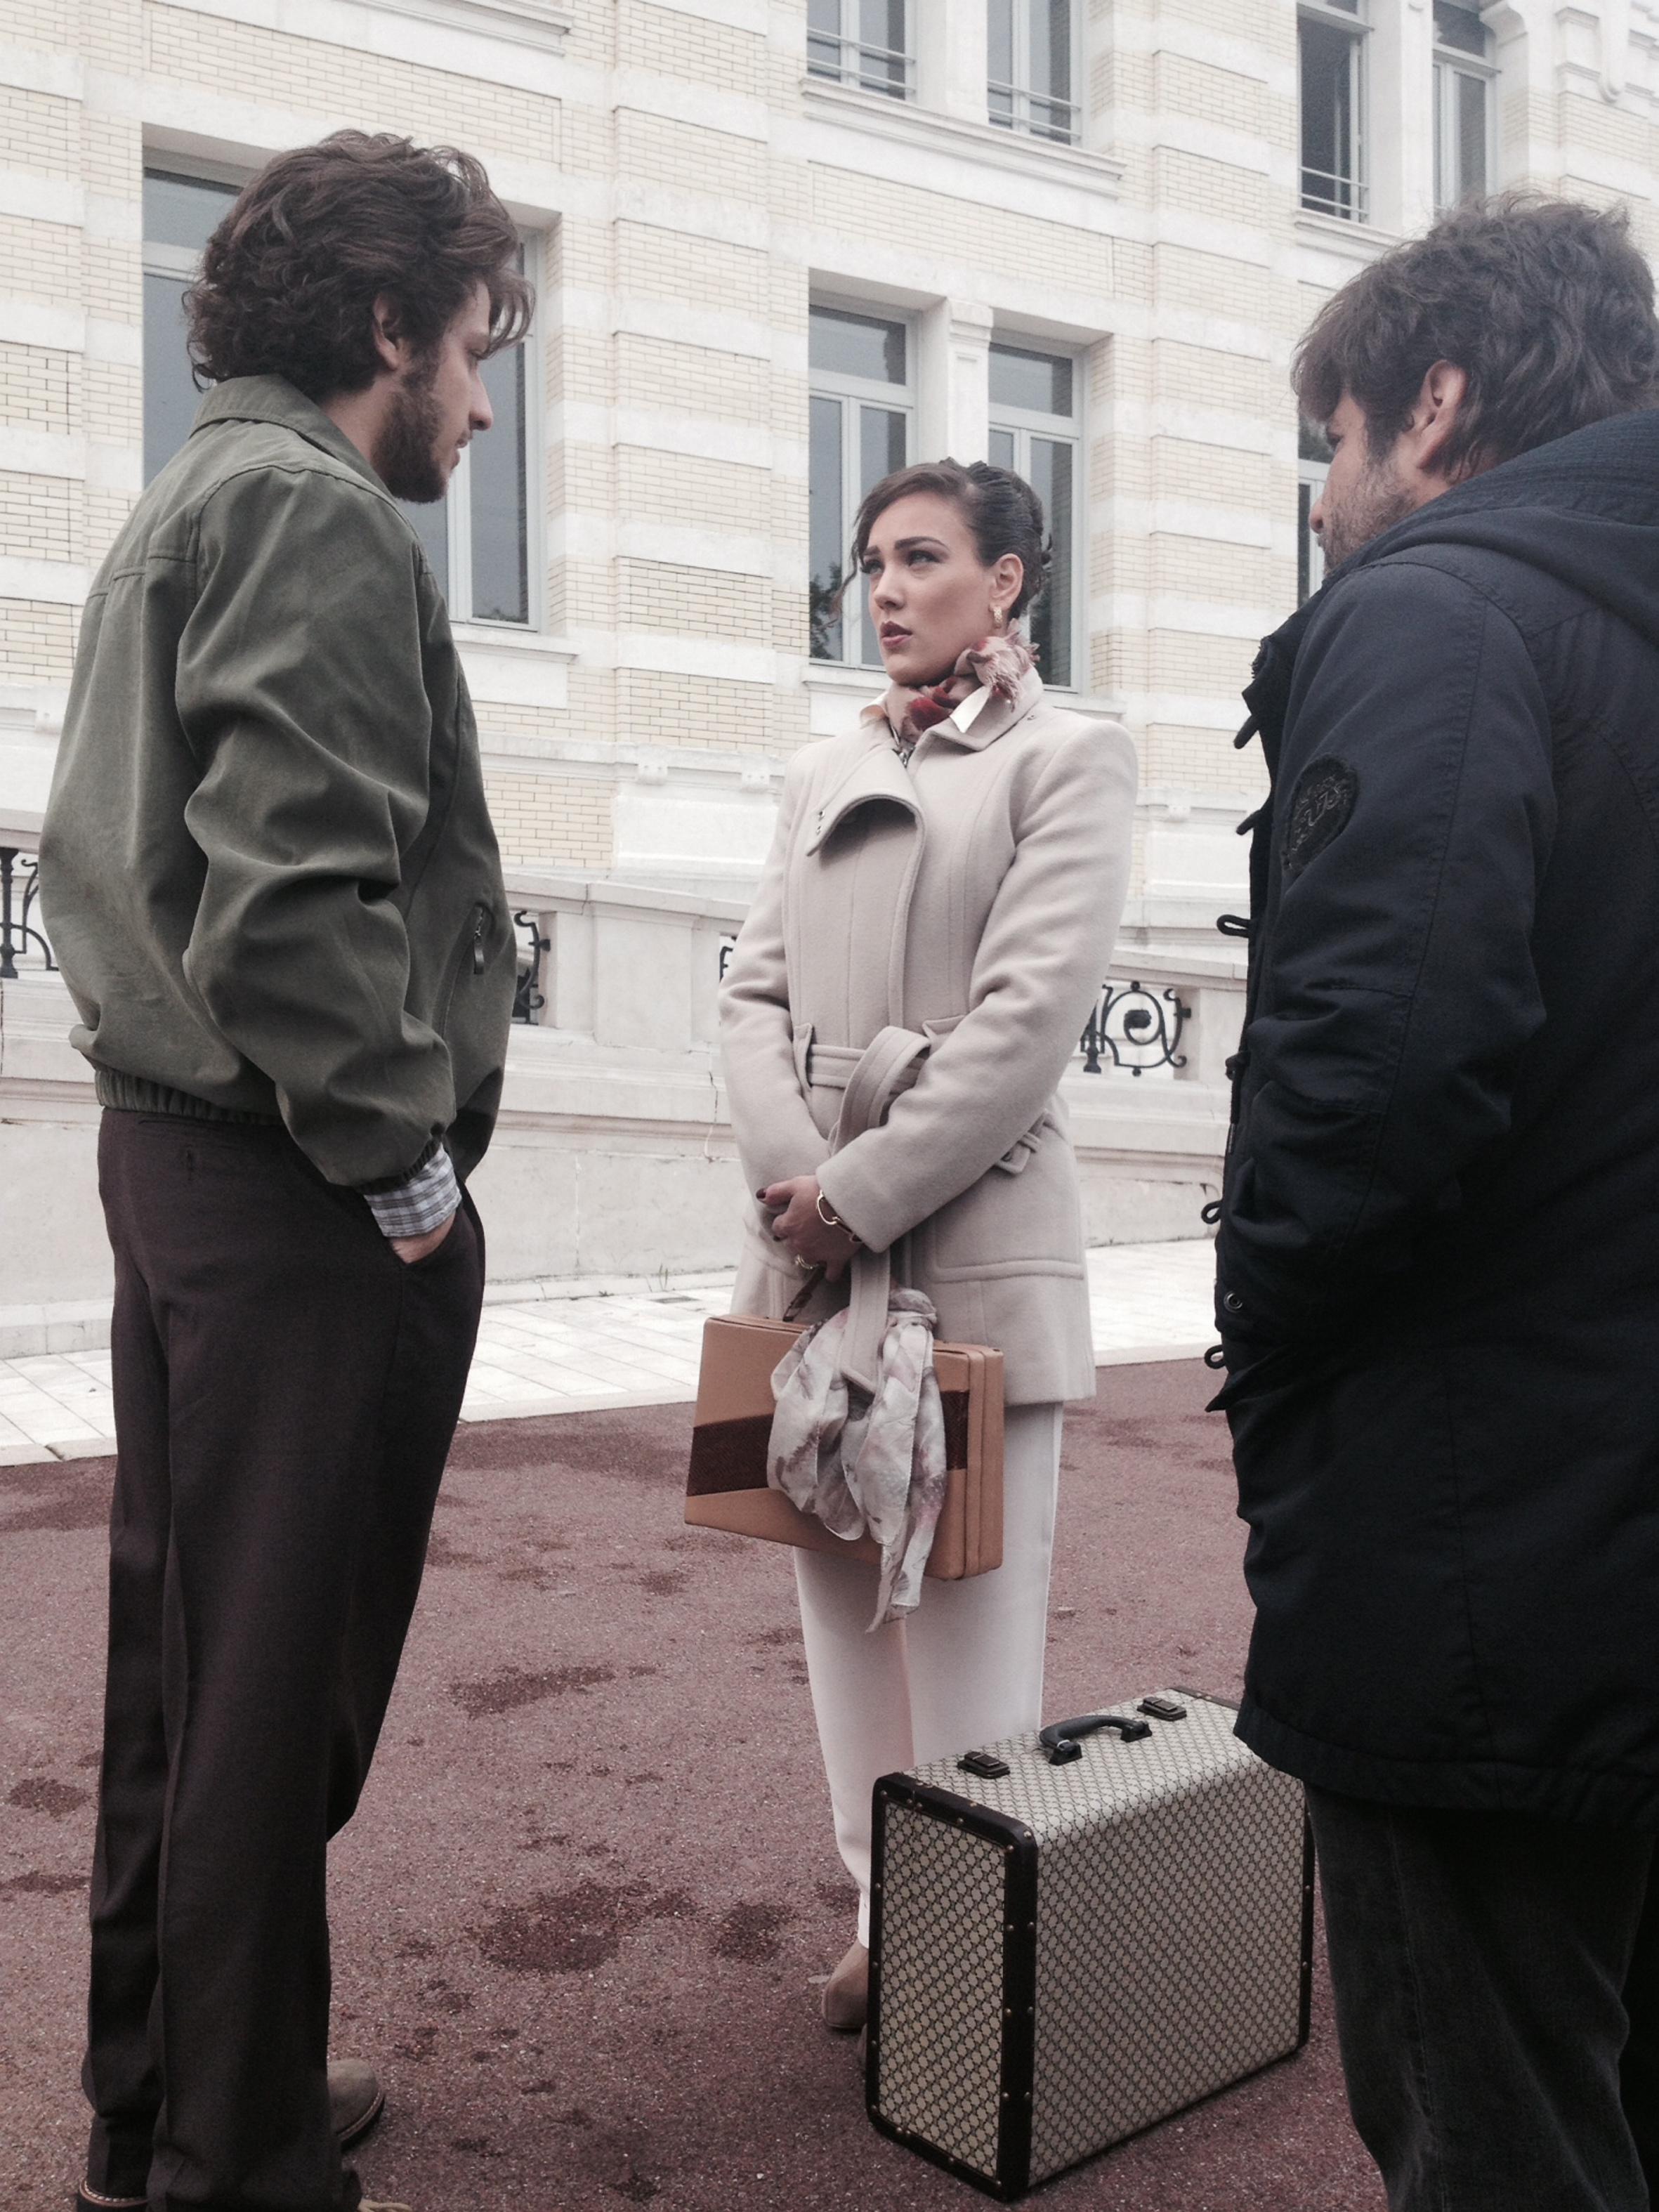 Chay Suede e Adriana Birolli em gravação em Genebra. Crédito: Globo/Divulgação